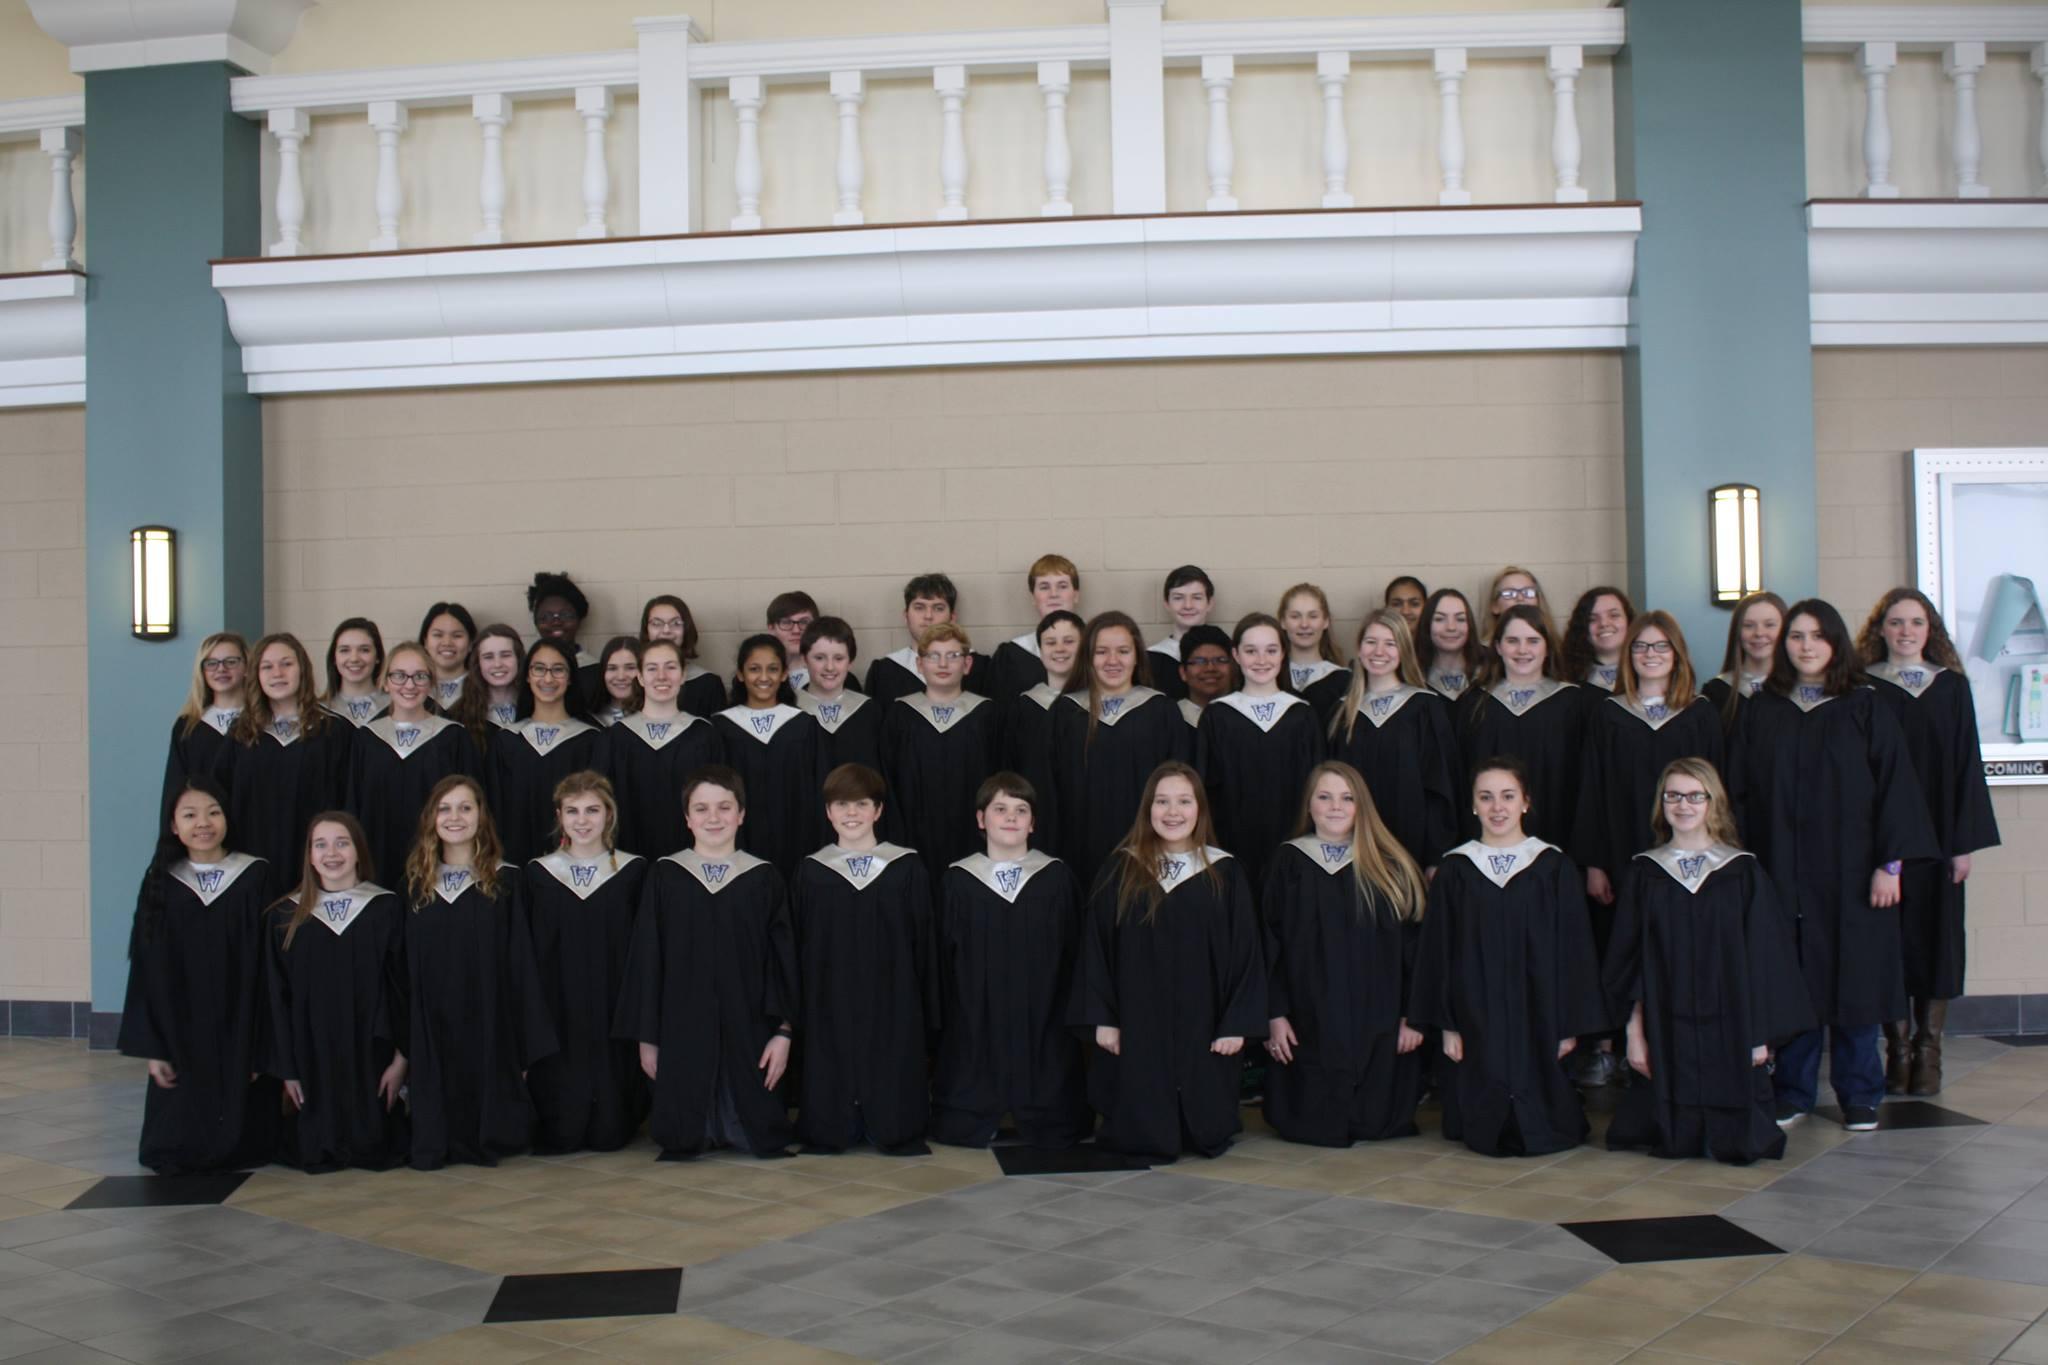 South Warren Middle School Mixed Choir